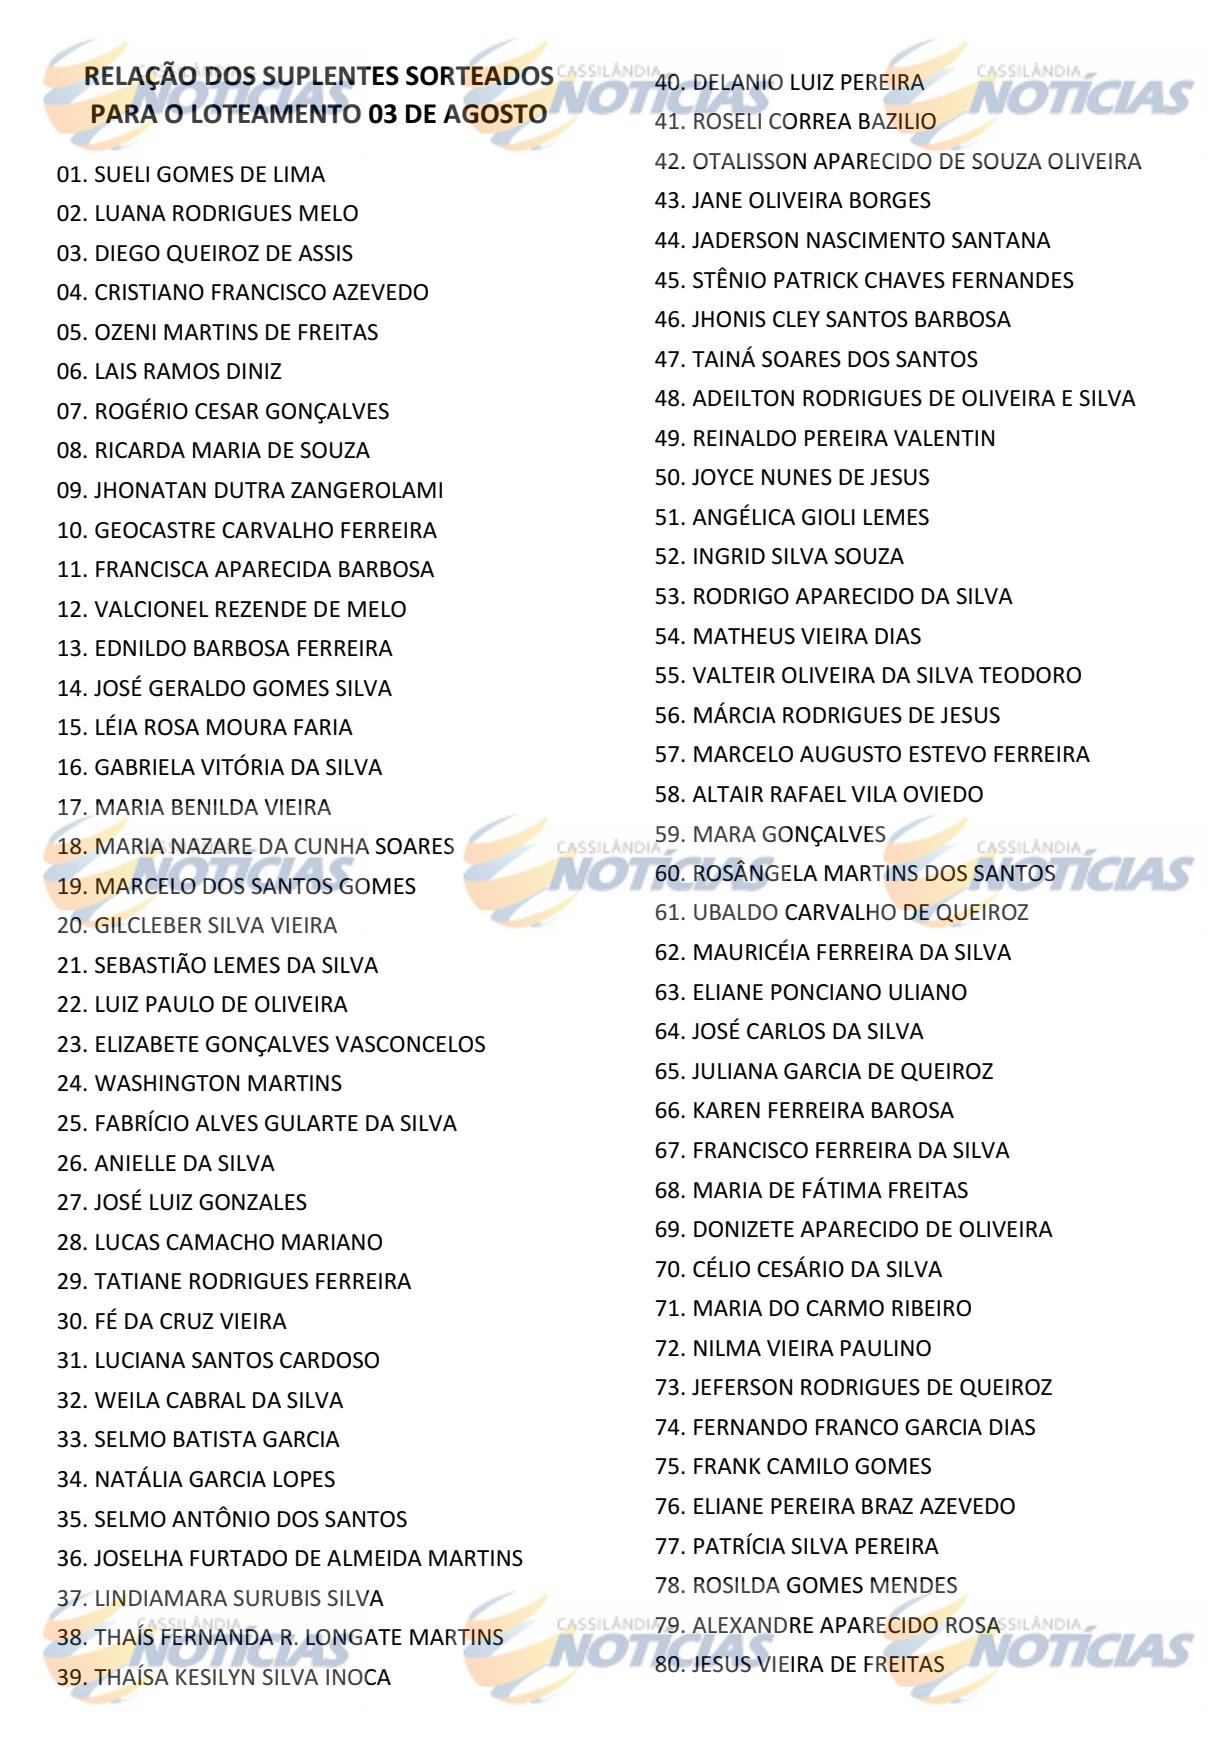 Confira a relação dos sorteados e os suplentes dos 80 terrenos do Loteamento 03 de Agosto